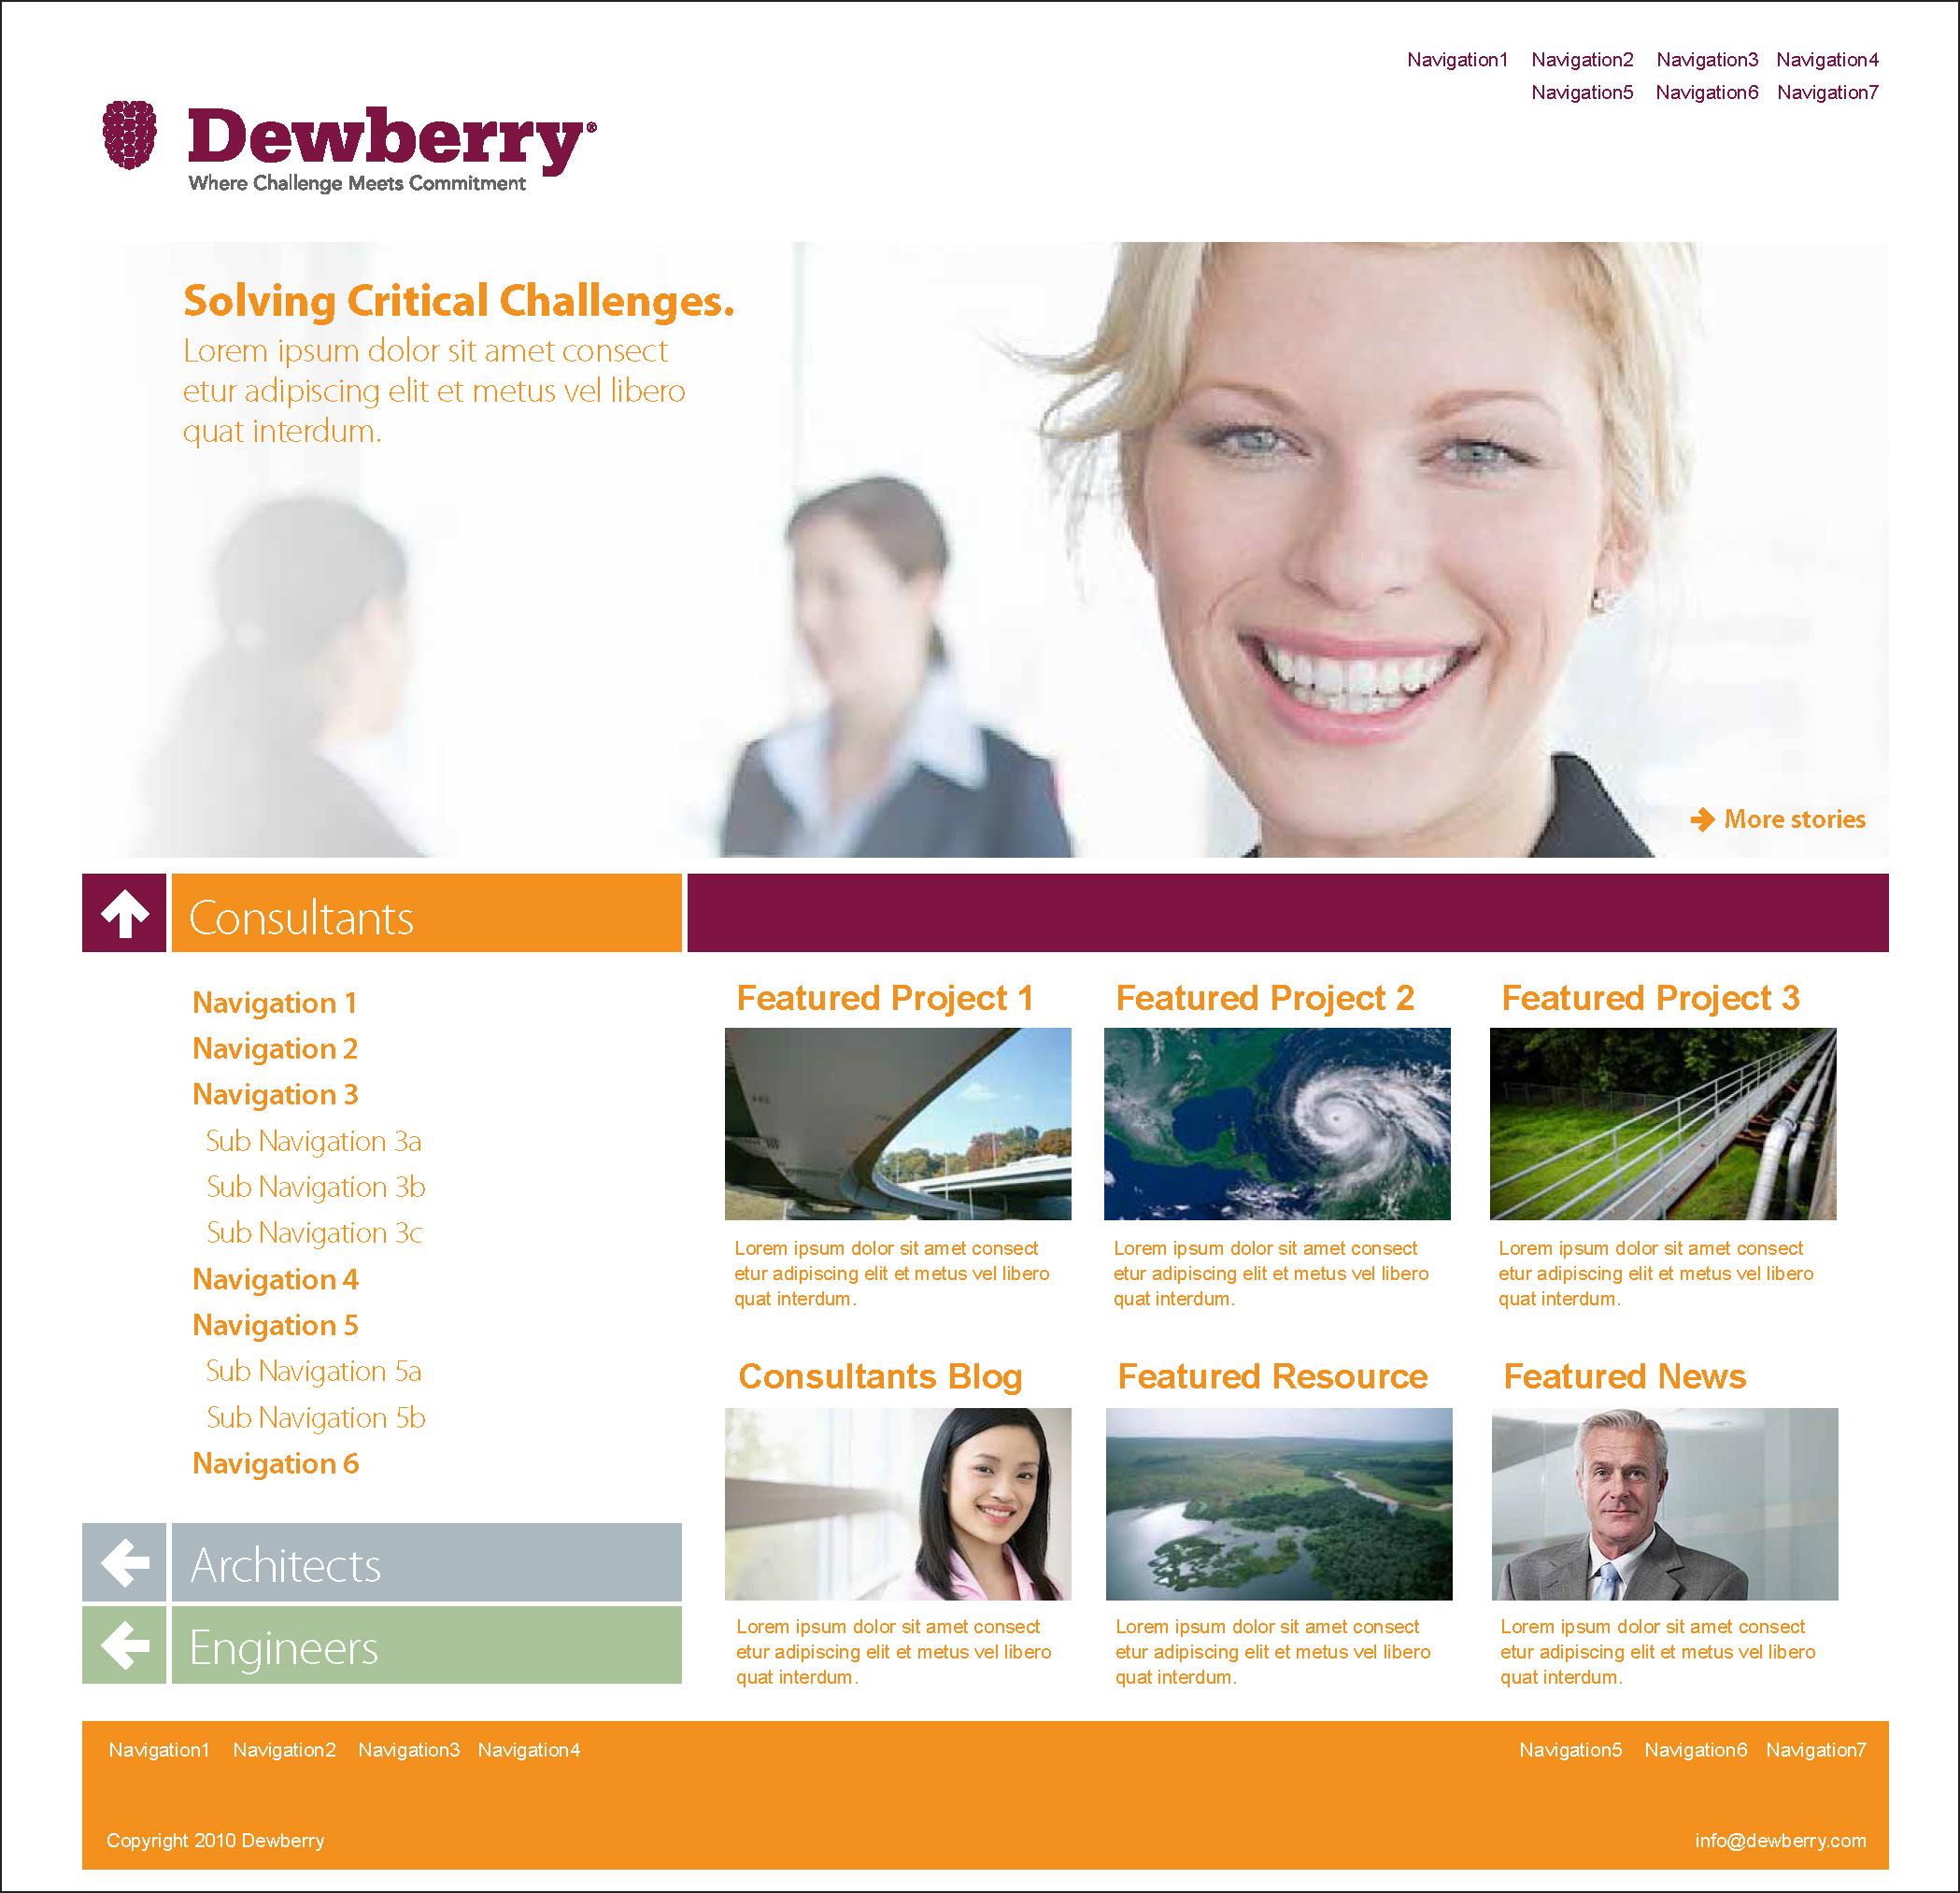 DEW_Web_Cons_OptA_v4.jpg